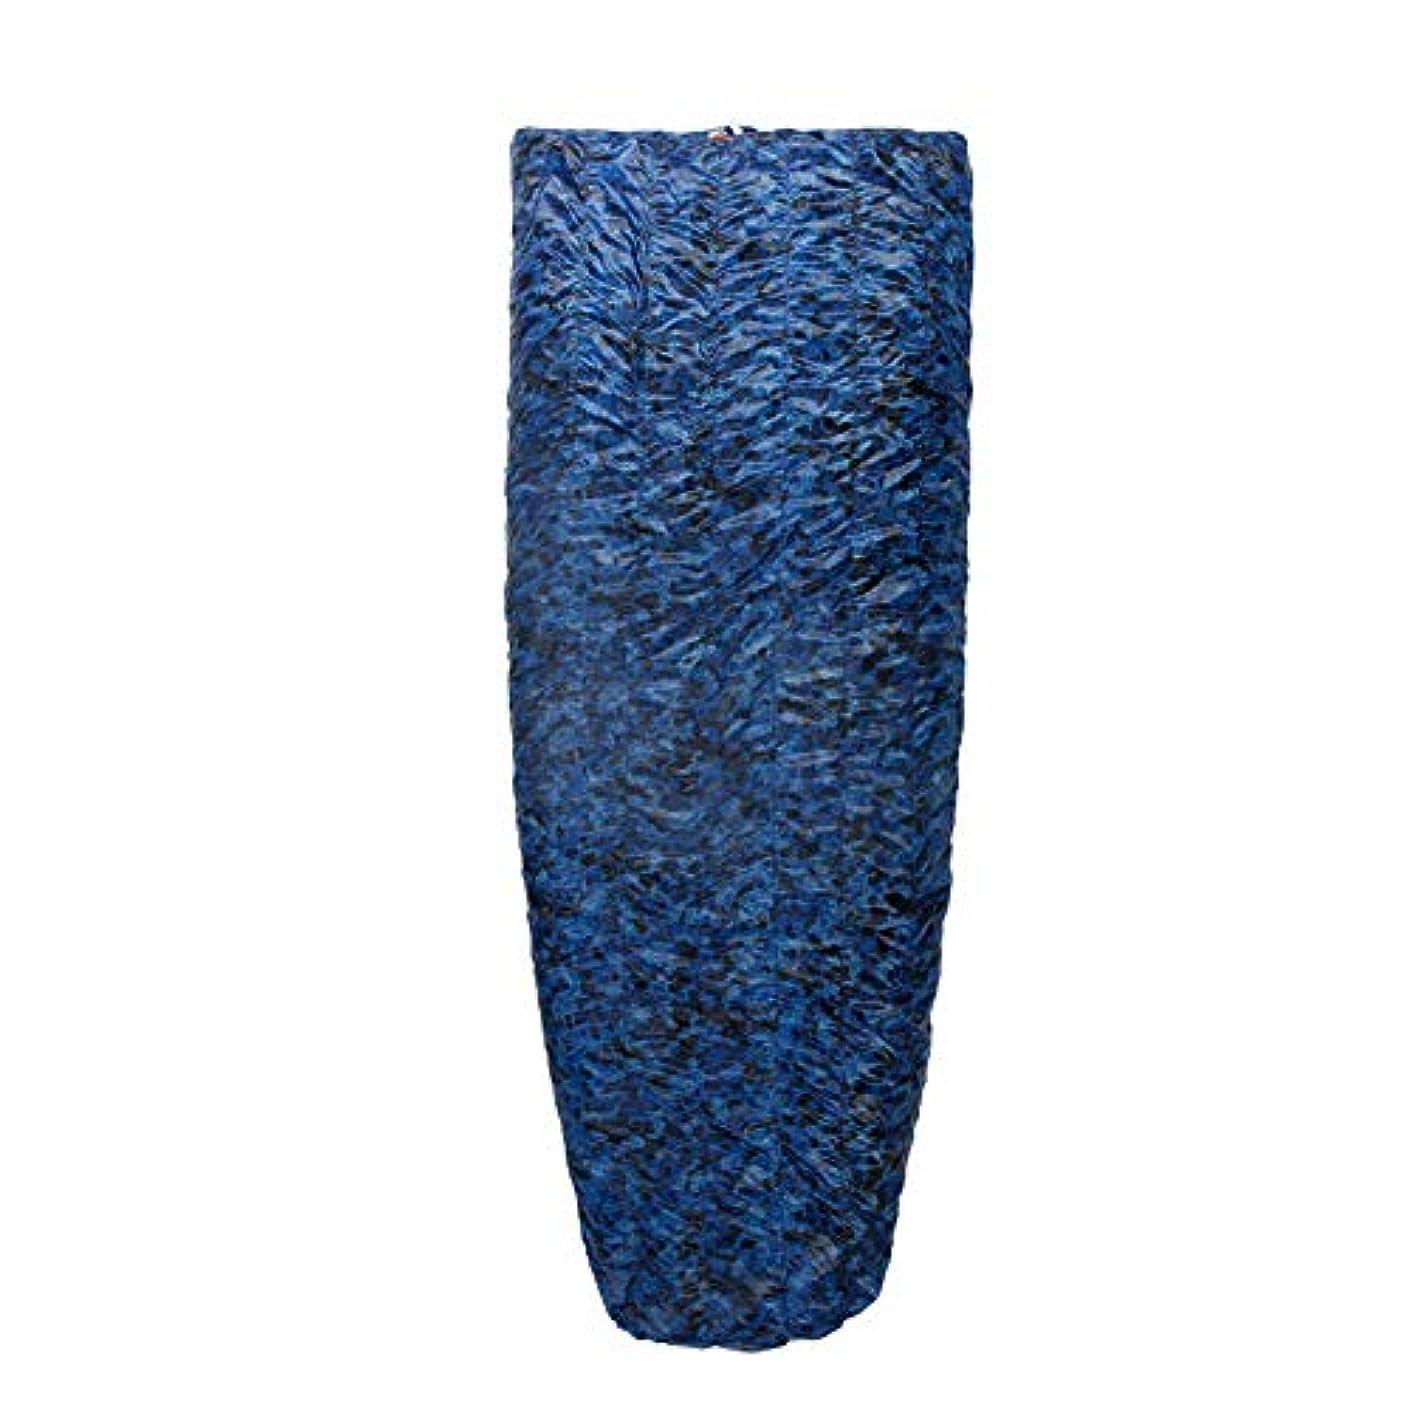 メモ外観中毒バッグ冬に暖かいワイルドキャンプスリーピングダウン寝袋ダウンサイドアヒルをステッチすることができます